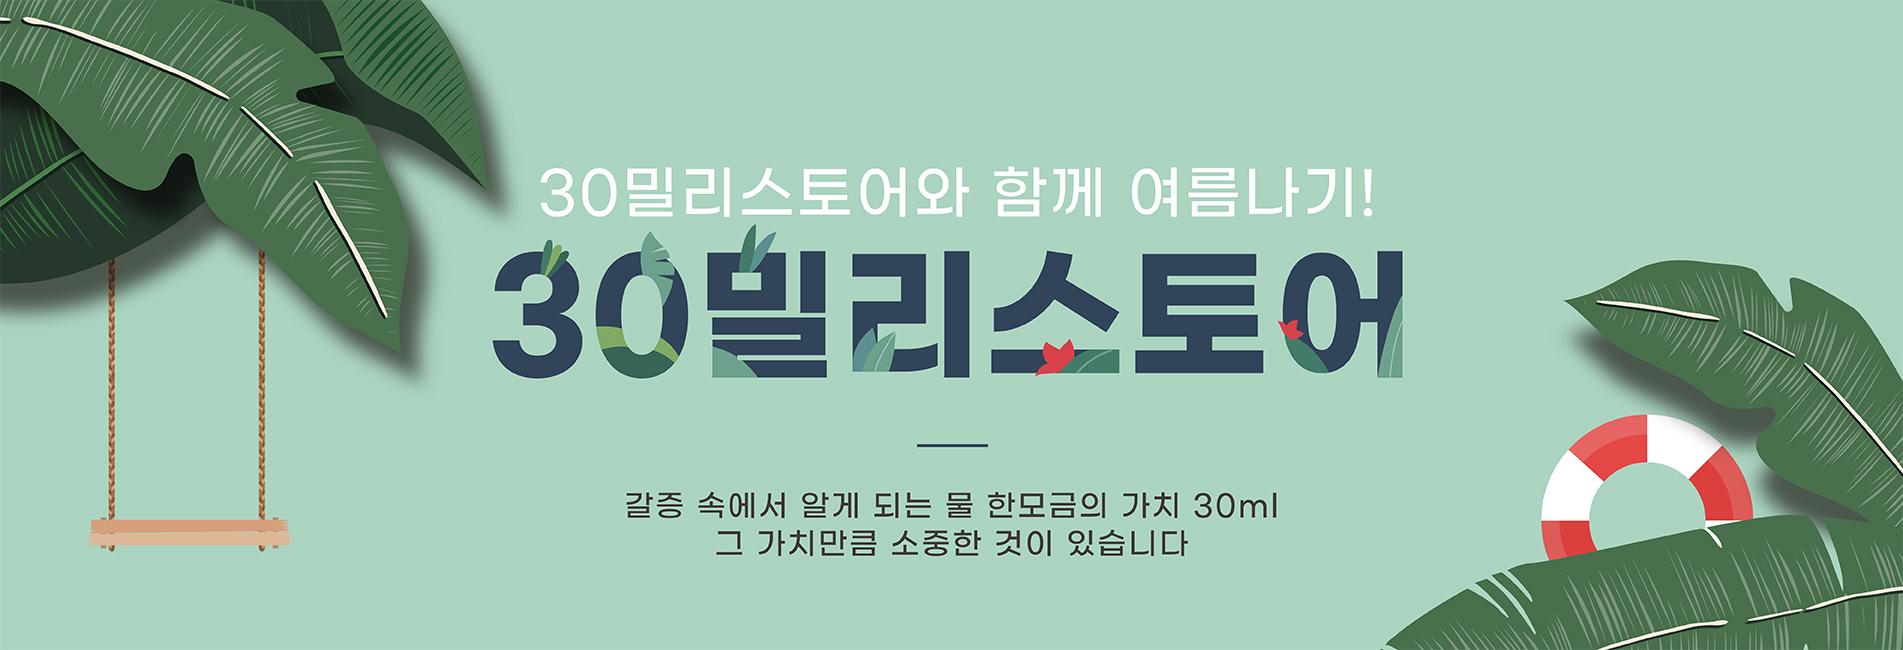 메인배너3-착한소비의 시작, 30밀리스토어와 함께 여름나기